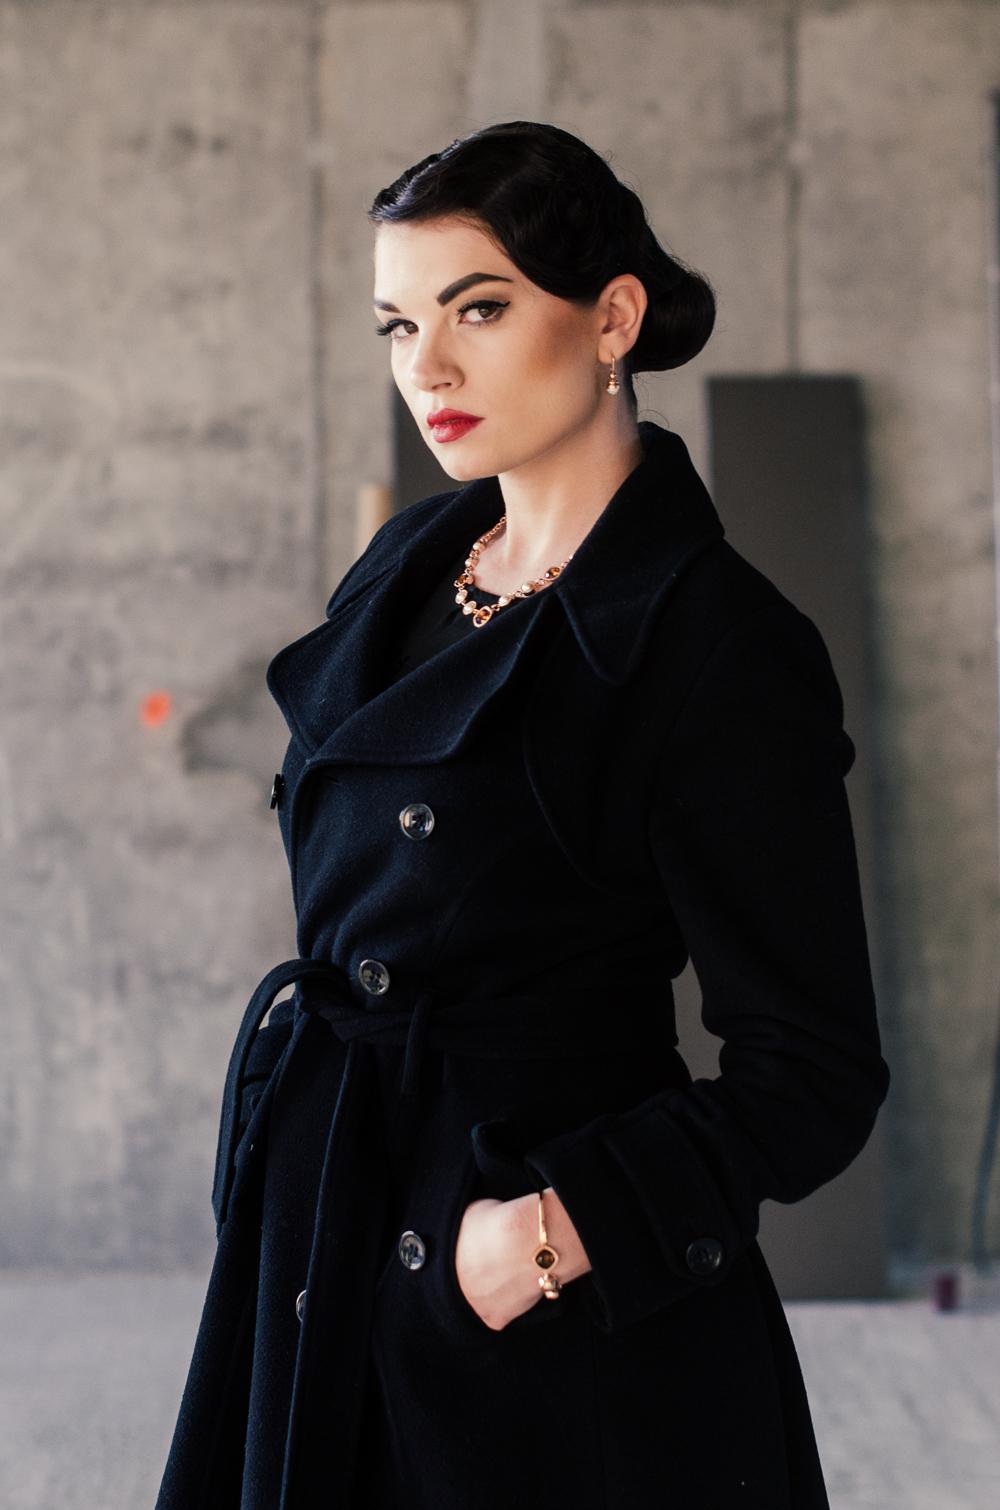 Daša Podržaj Medinmleko 40's style Love, Eva Eva Ahačevčič